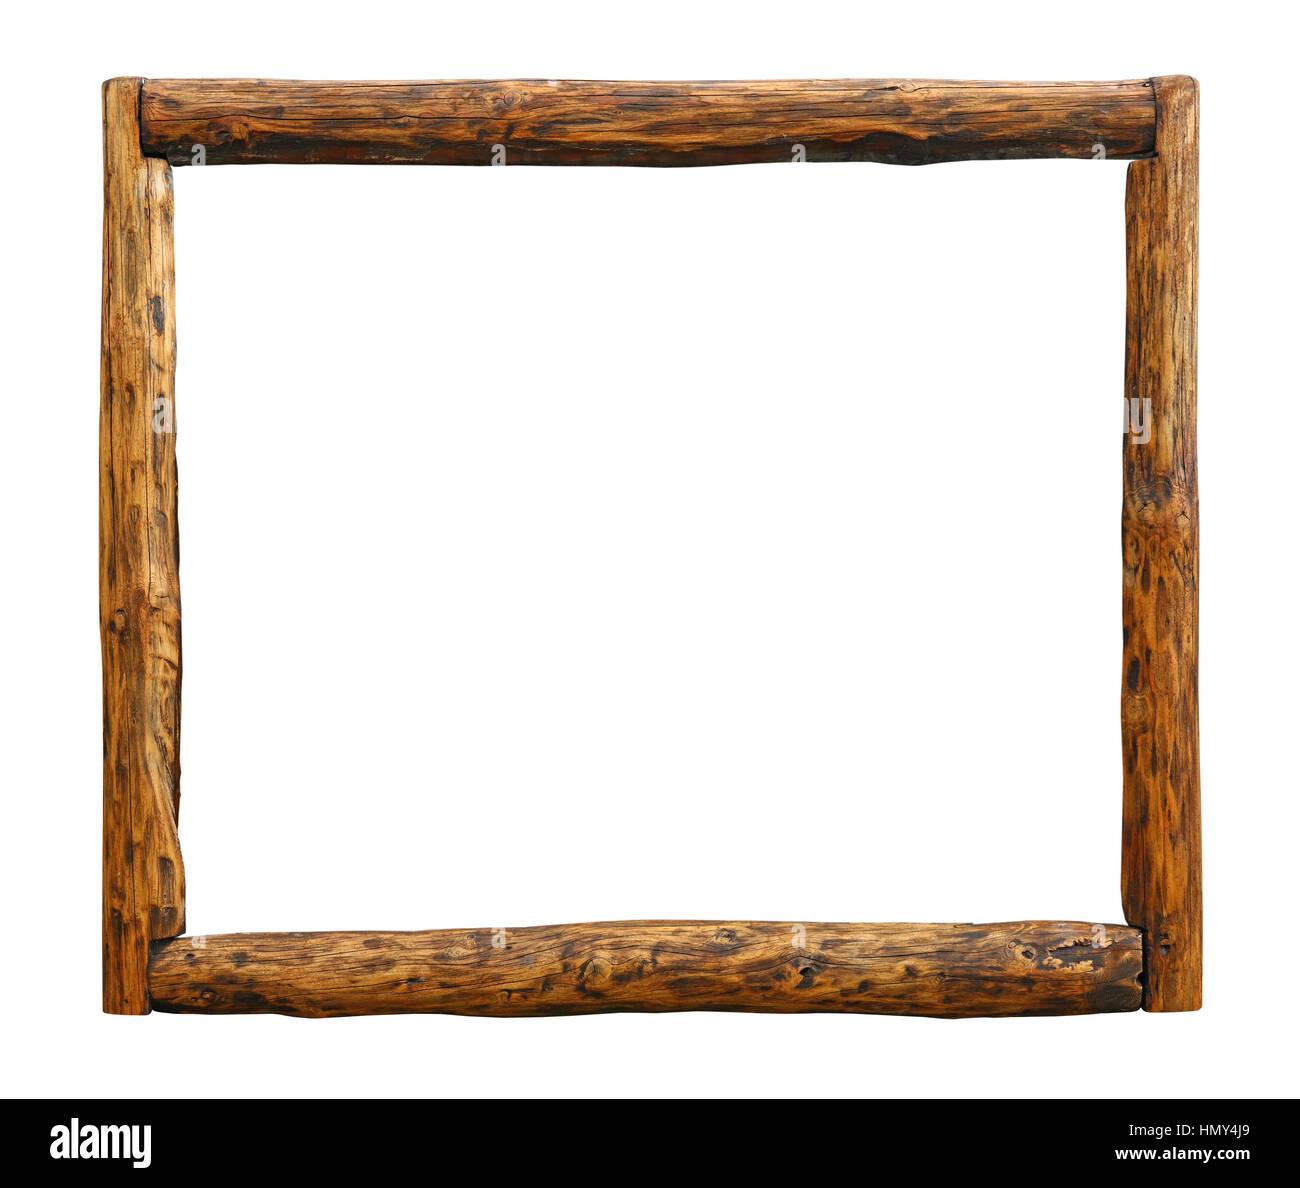 Old vintage wooden pine grunge brown aged rustic log border frame ...